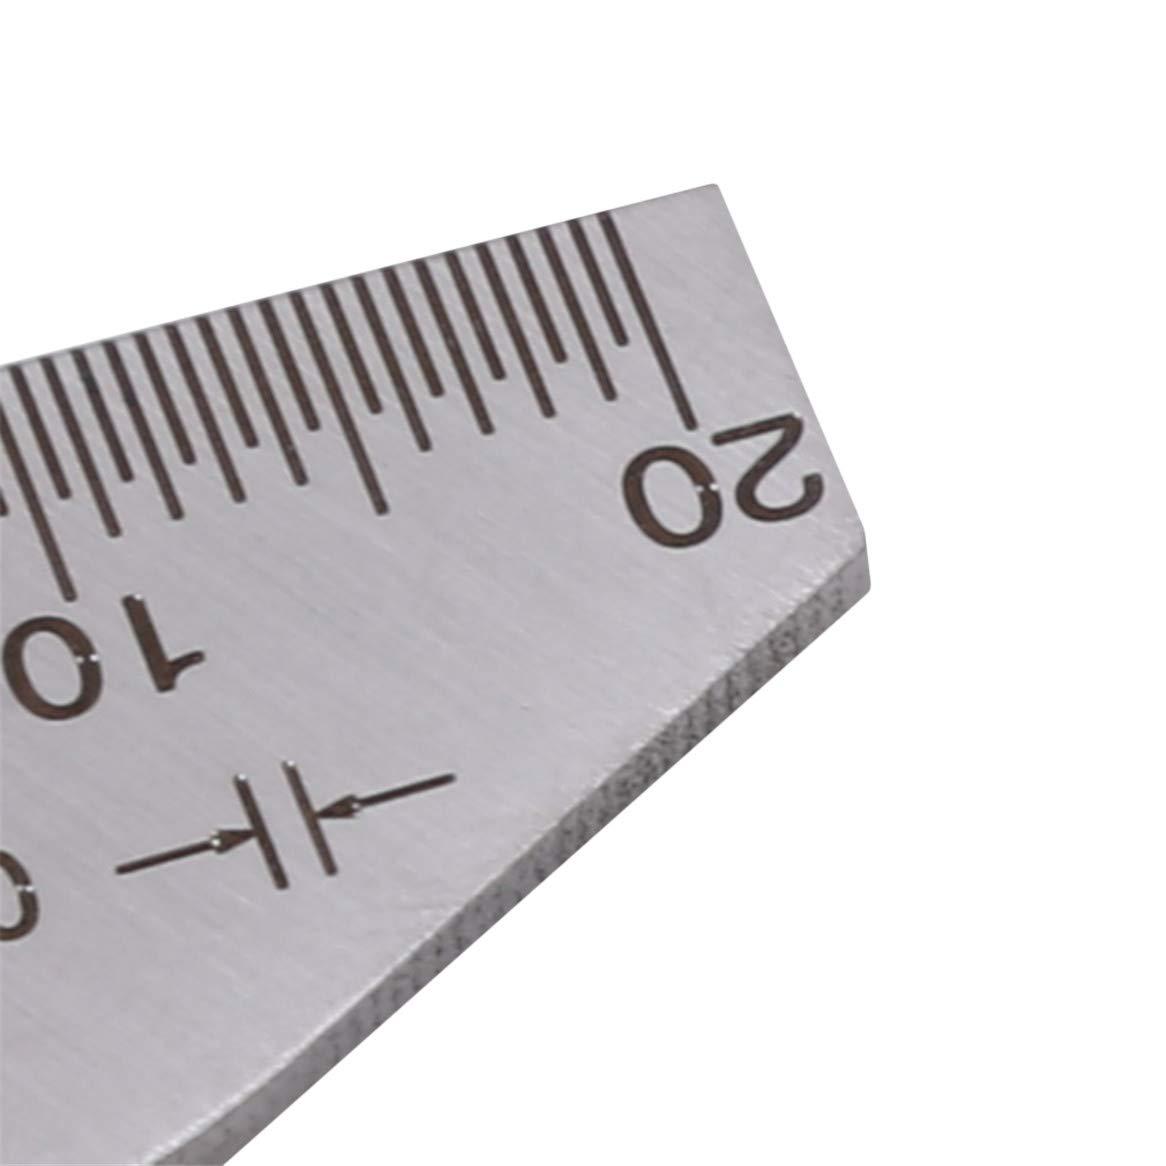 Botreelife 118 Grad Spiralbohrer Winkelmesser Schleifmittel Gauge Sch/ärfen Werkzeuge Edelstahl Ecke Vorderkante Messwerkzeuge